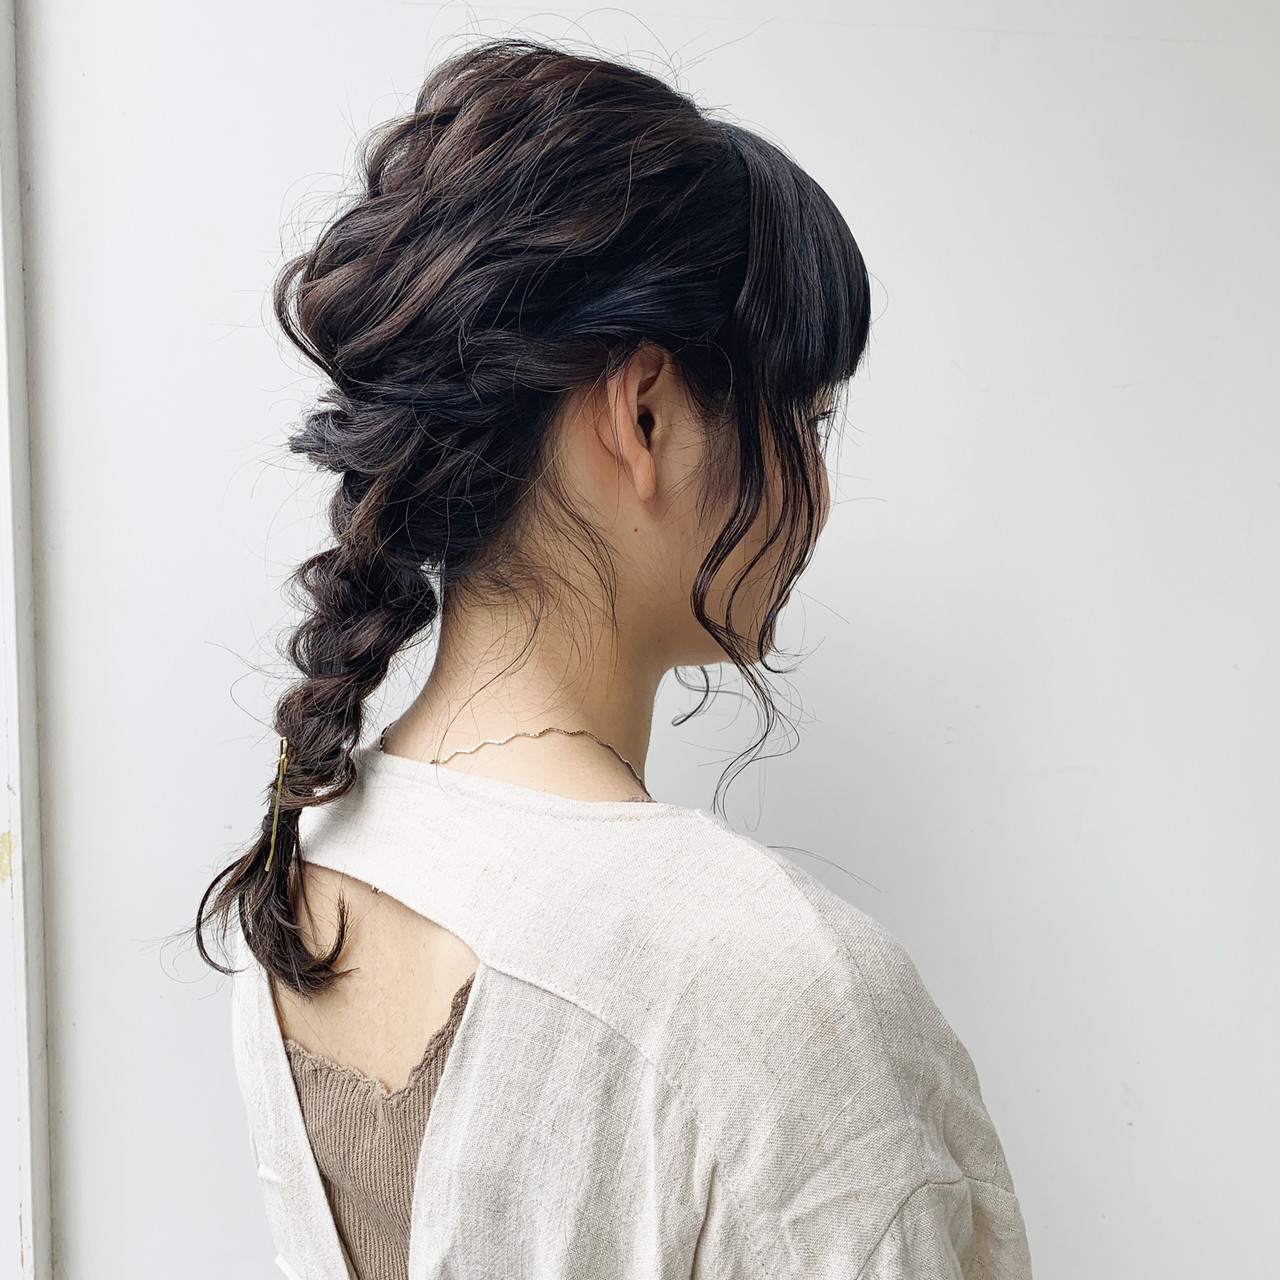 セミロング ガーリー ポニーテールアレンジ セルフヘアアレンジ ヘアスタイルや髪型の写真・画像